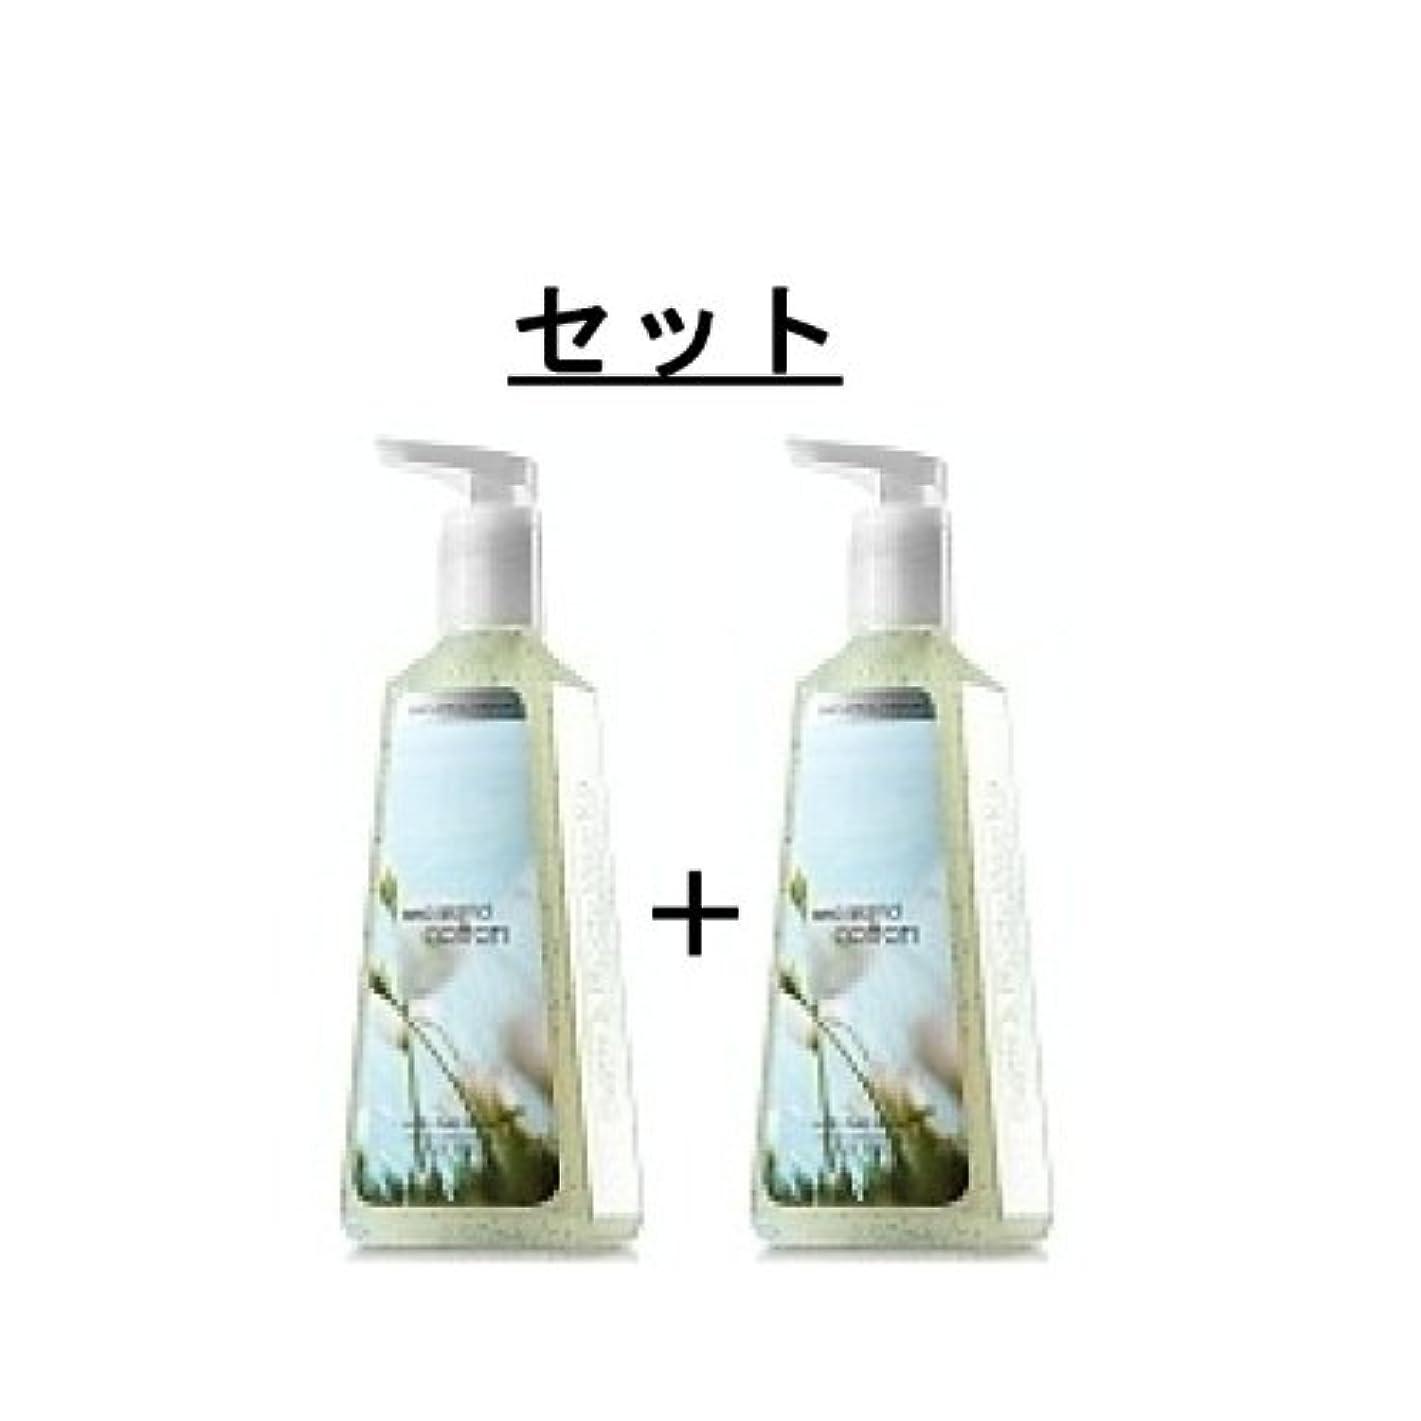 数欠席のぞき見Bath & Body Works Sea Island Cotton Antibacterial Deep Cleansing Hand Soap Set of 2 シーアイランドコットン【並行輸入品】